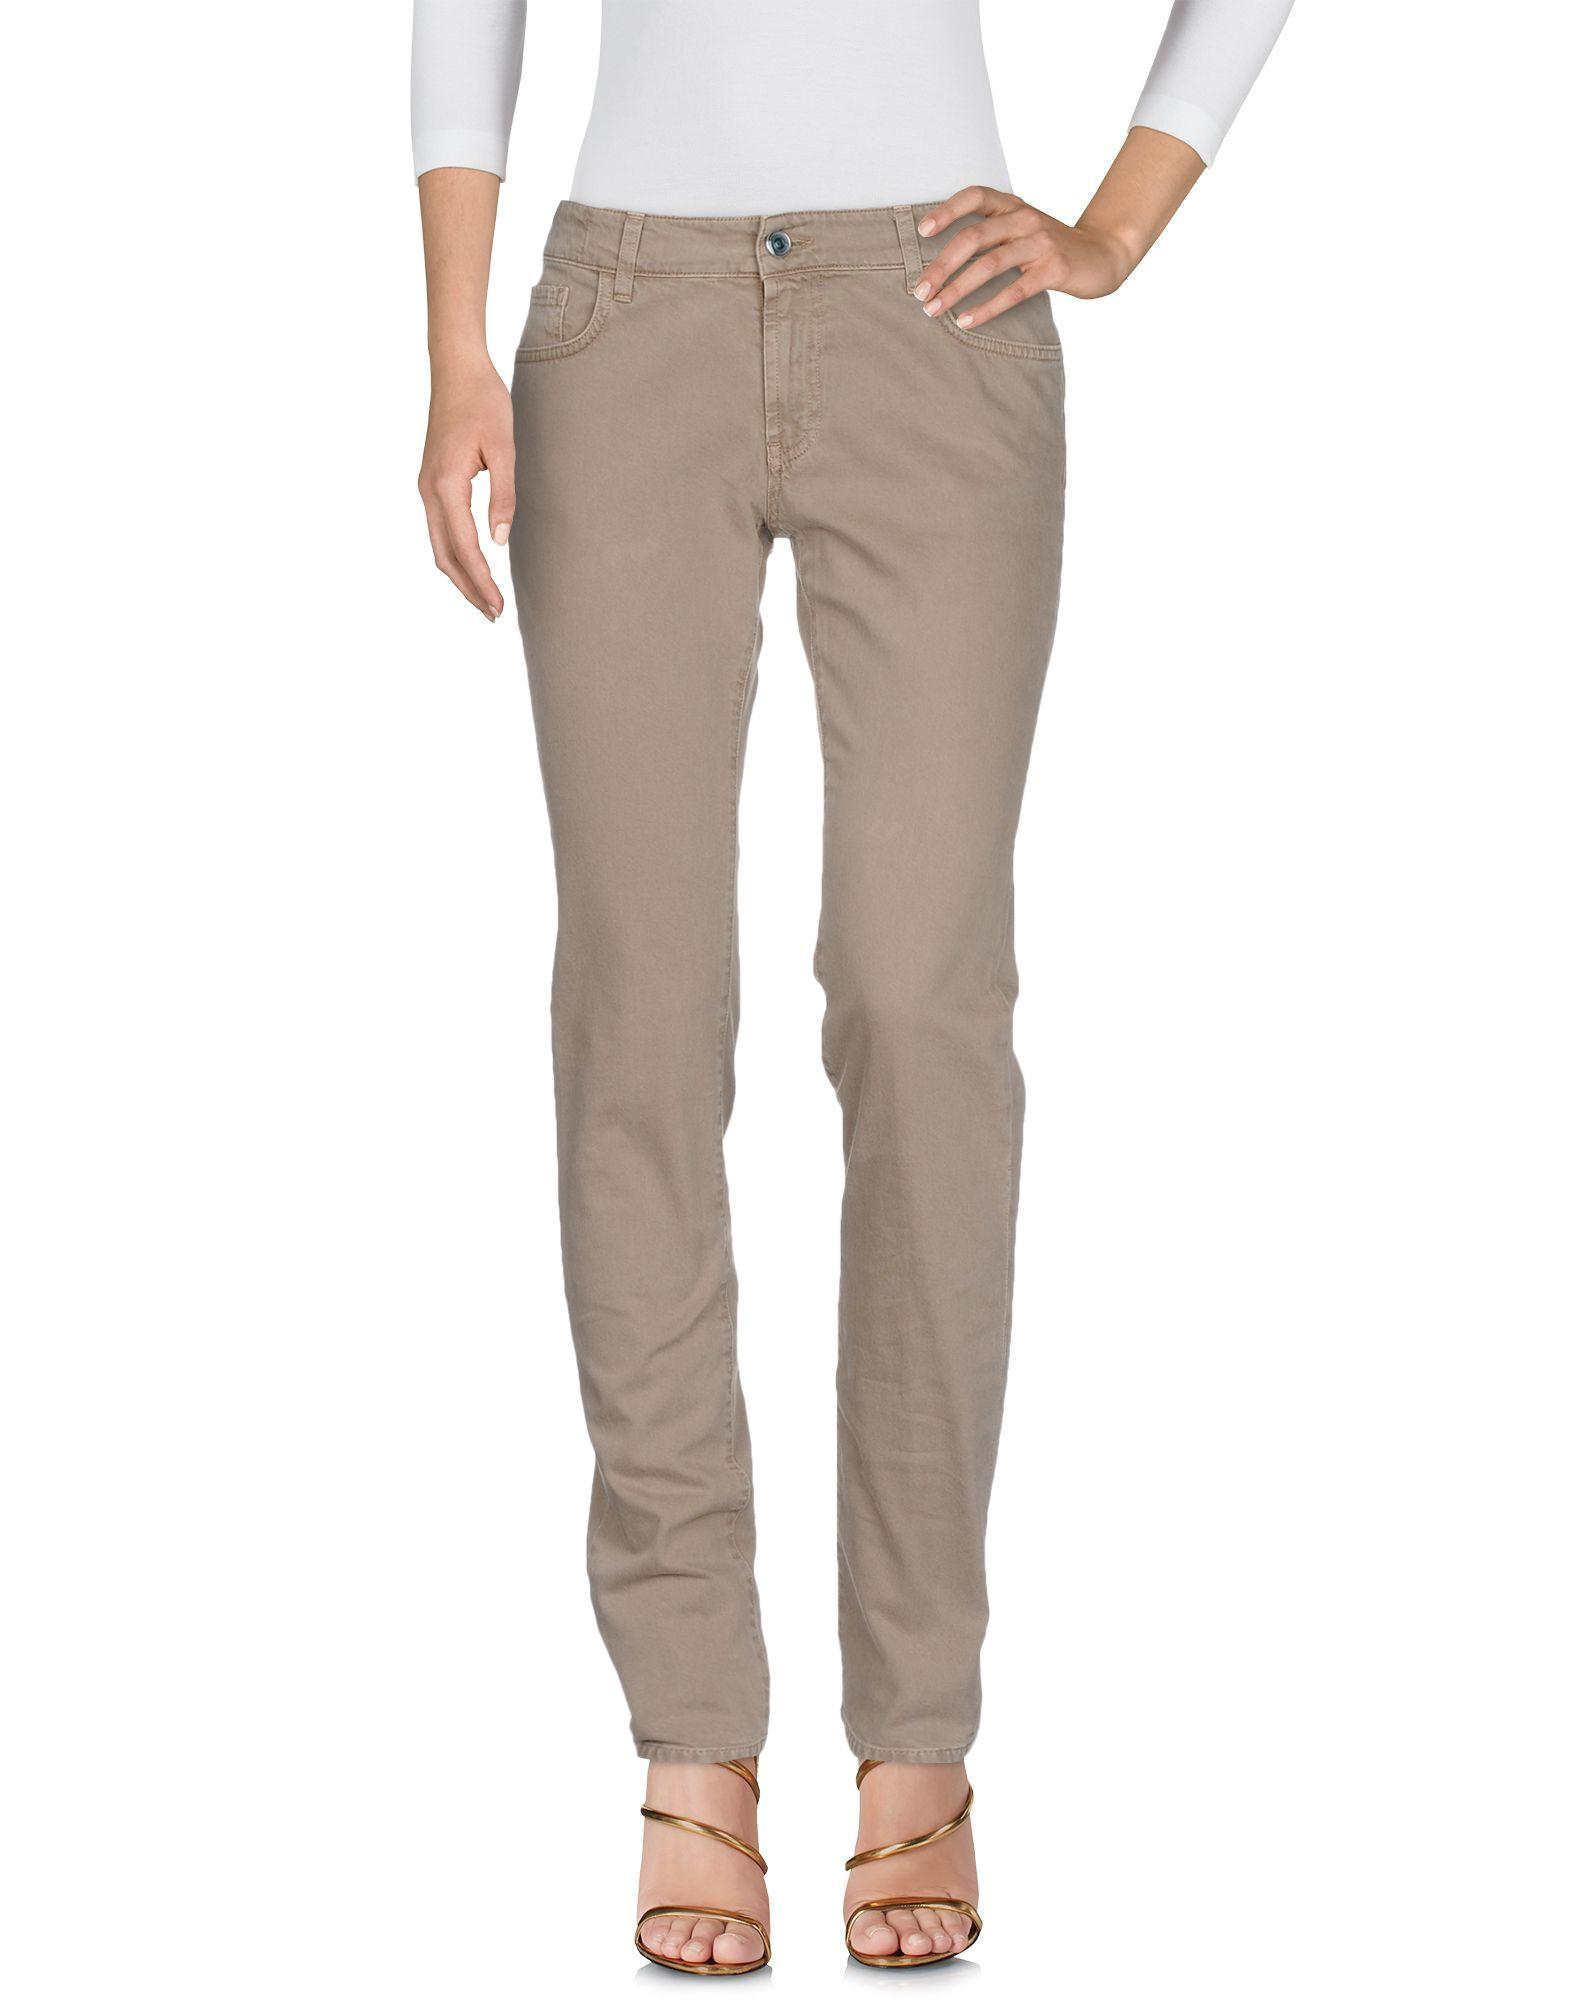 MAURO GRIFONI Джинсовые брюки carver pioneer camp джинсовые брюки мужские обычные джинсовые брюки темно синий 33 611 021